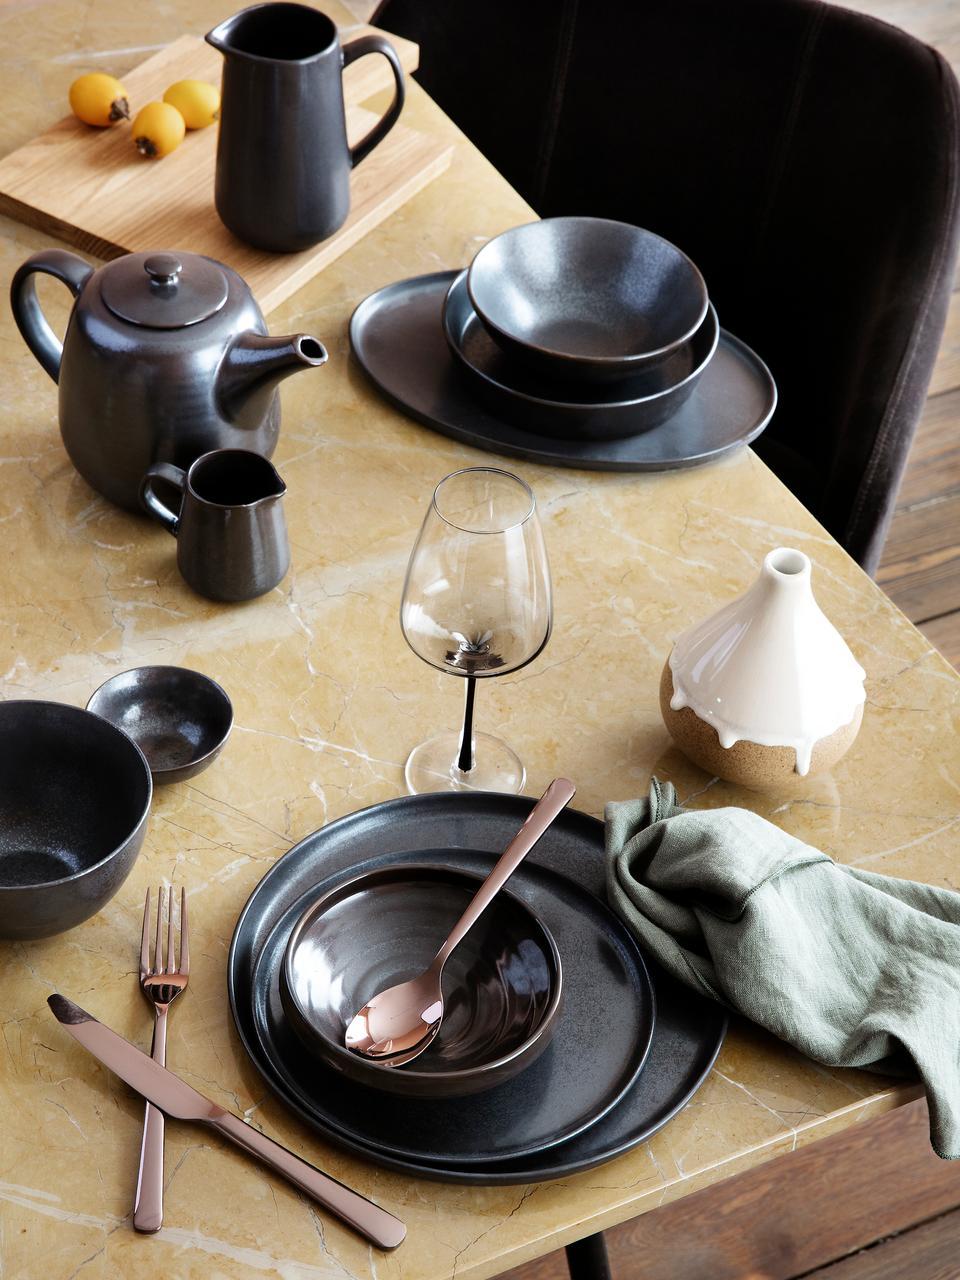 Piattino da dessert fatto a mano Esrum Night 4 pz, Gres smaltata, Marrone grigiastro lucido argenteo opaco, Ø 21 cm